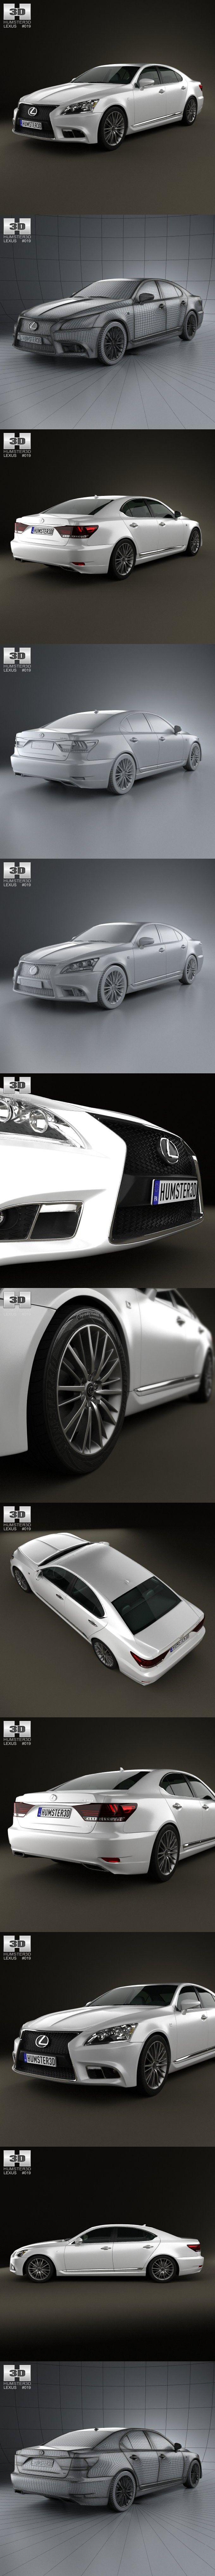 Lexus LS F sport (XF40) 2012. 3D Vehicles